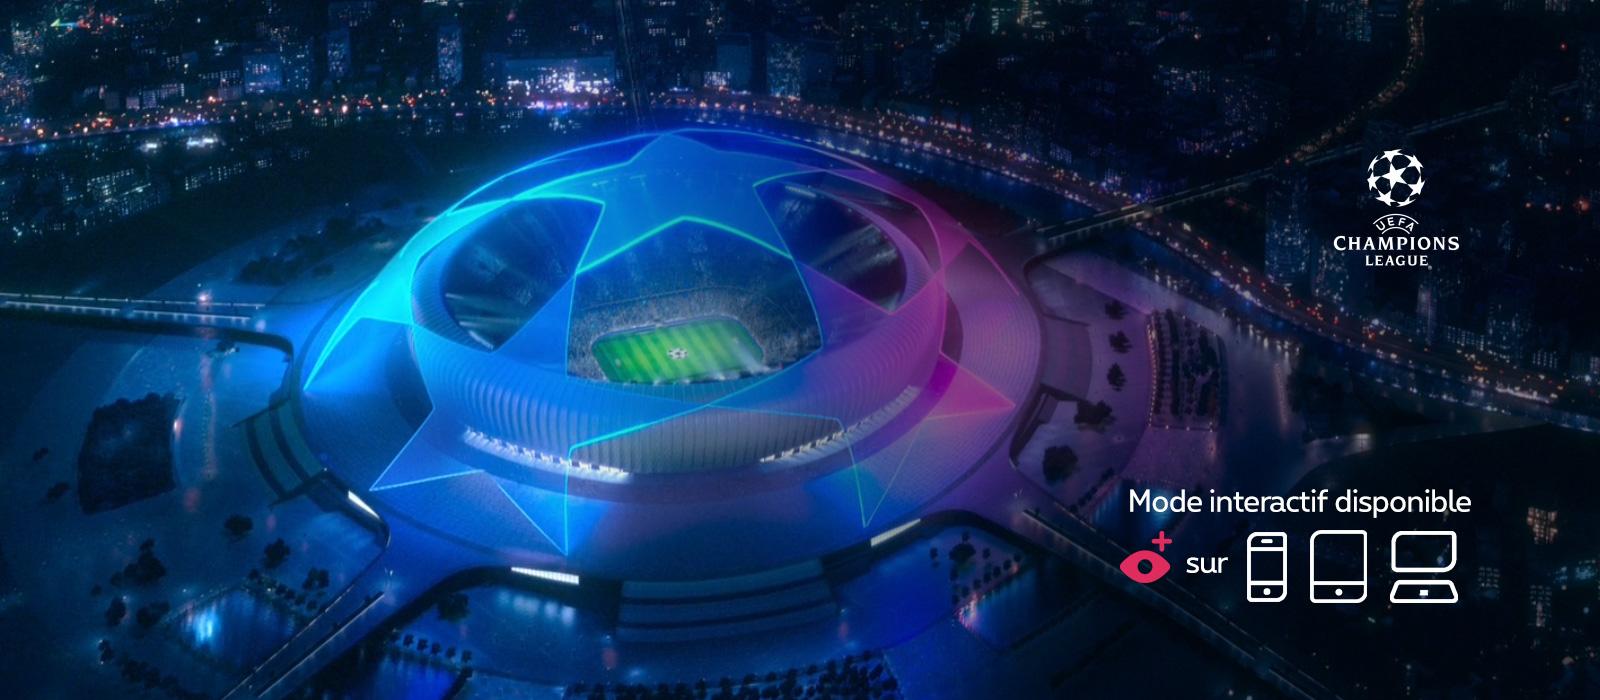 En UEFA Champions League tout est possible !